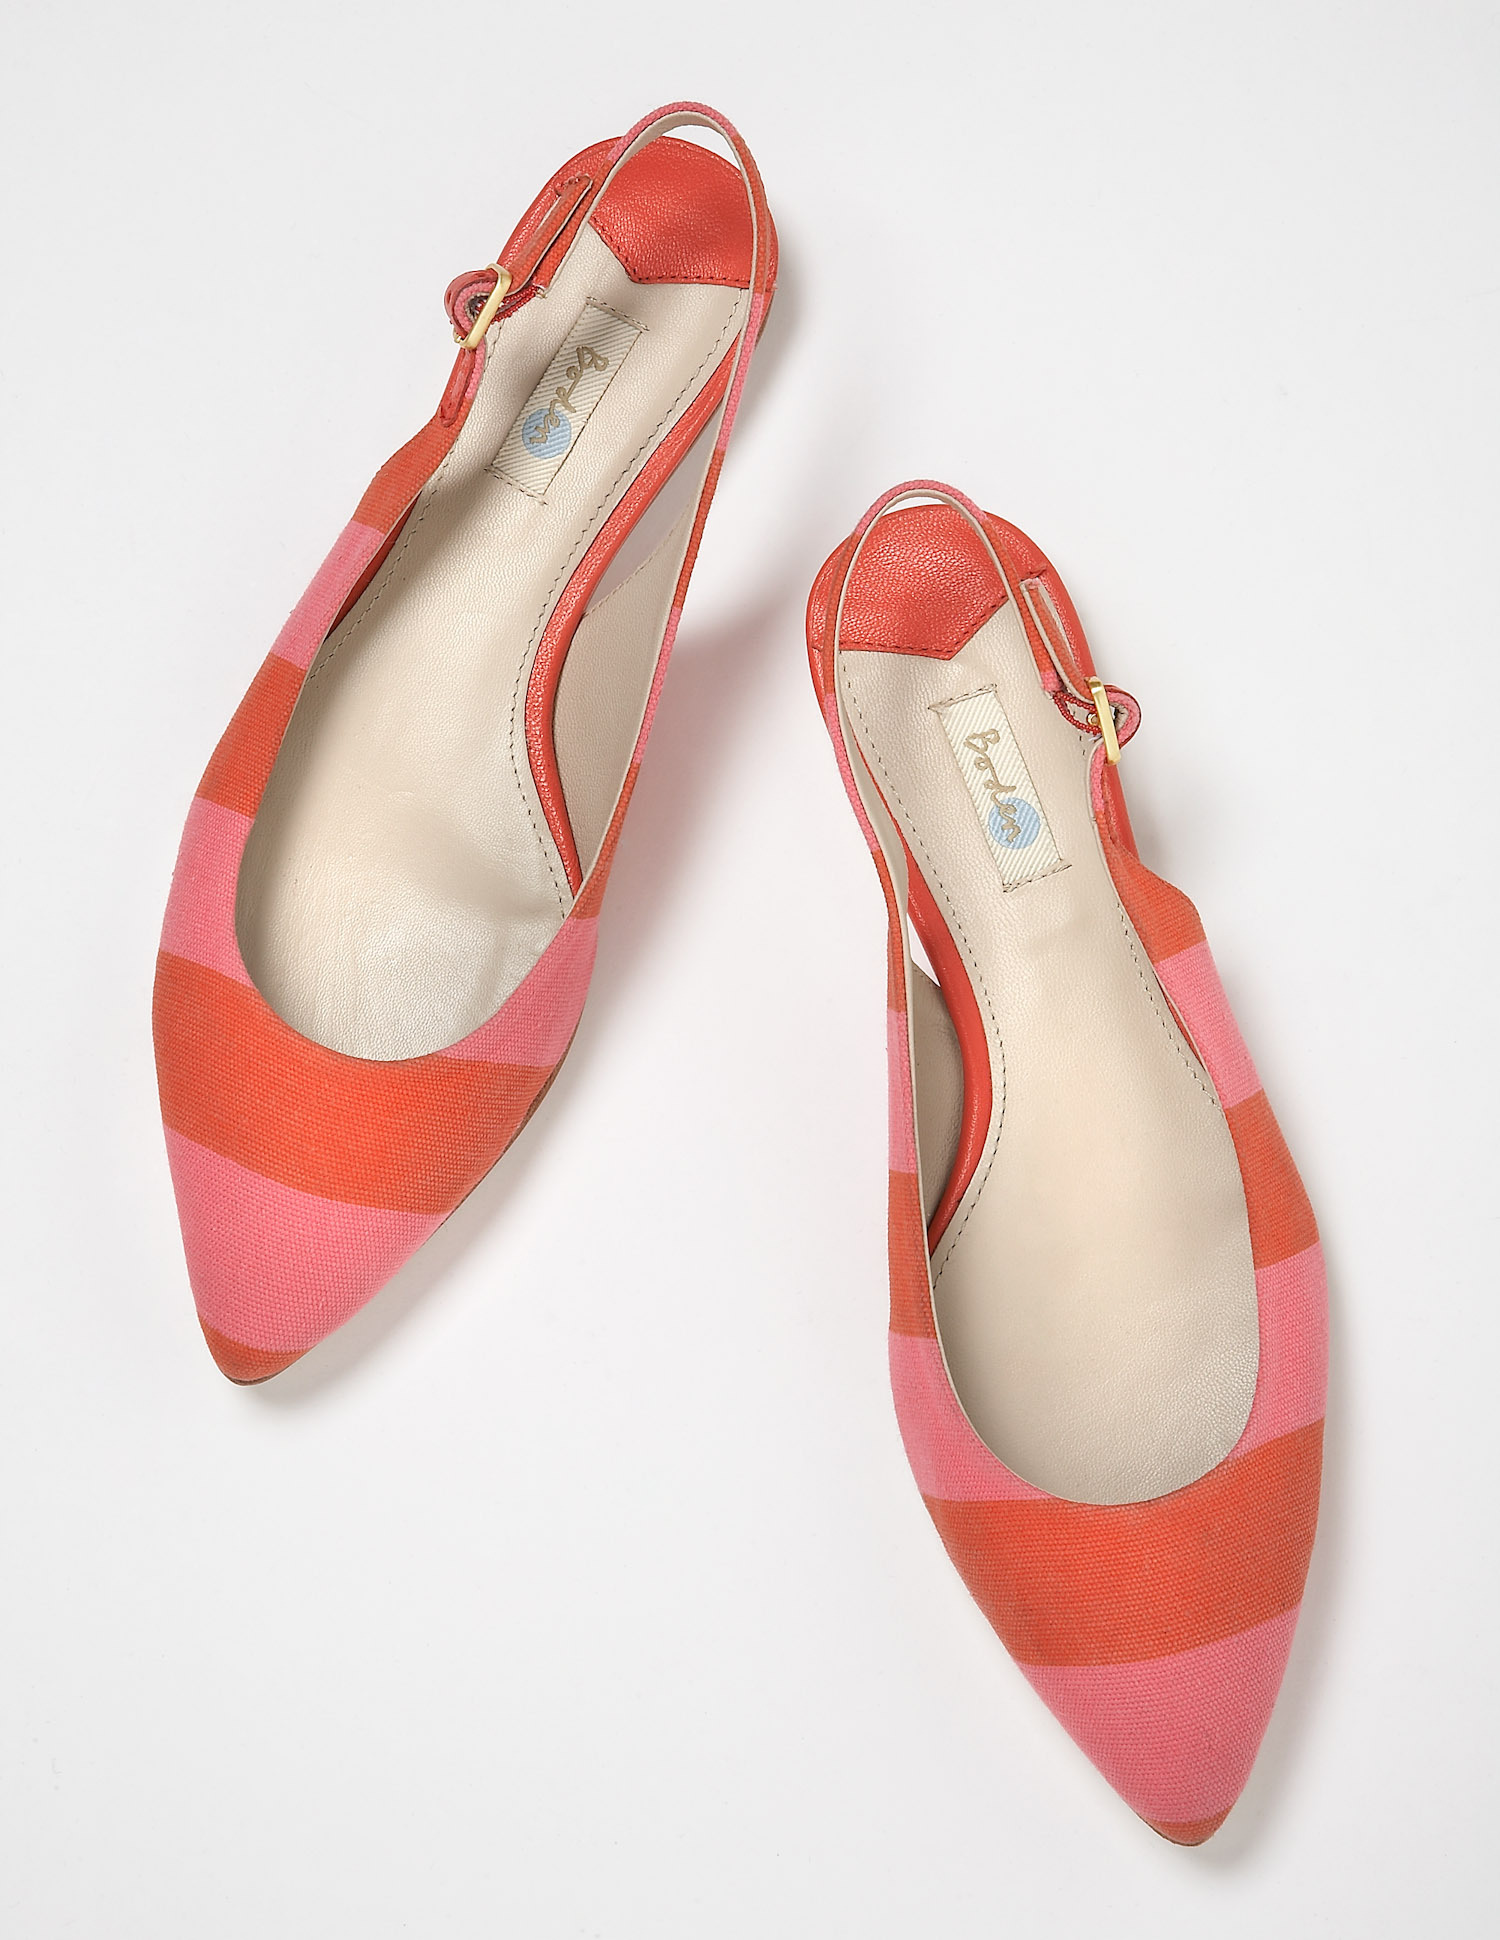 والاحذية Boden 2014 367990.jpg